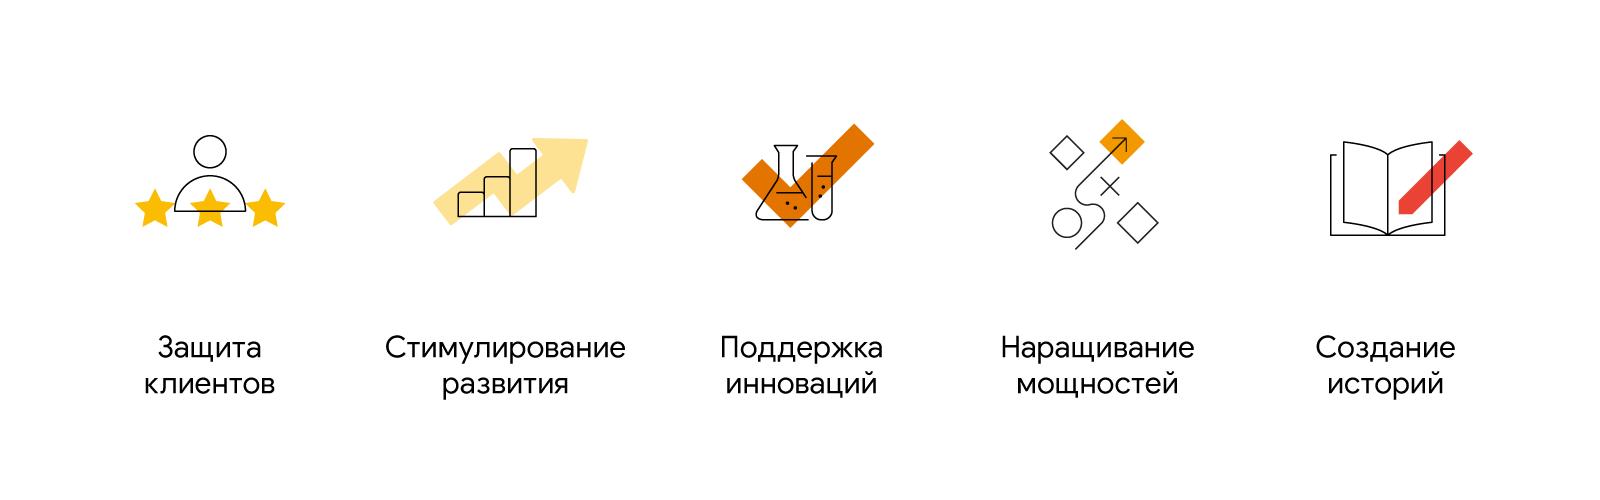 Значки, символизирующие пять архетипов директоров по маркетингу: защита клиентов, стимулирование развития, поддержка инноваций, наращивание мощностей, создание историй